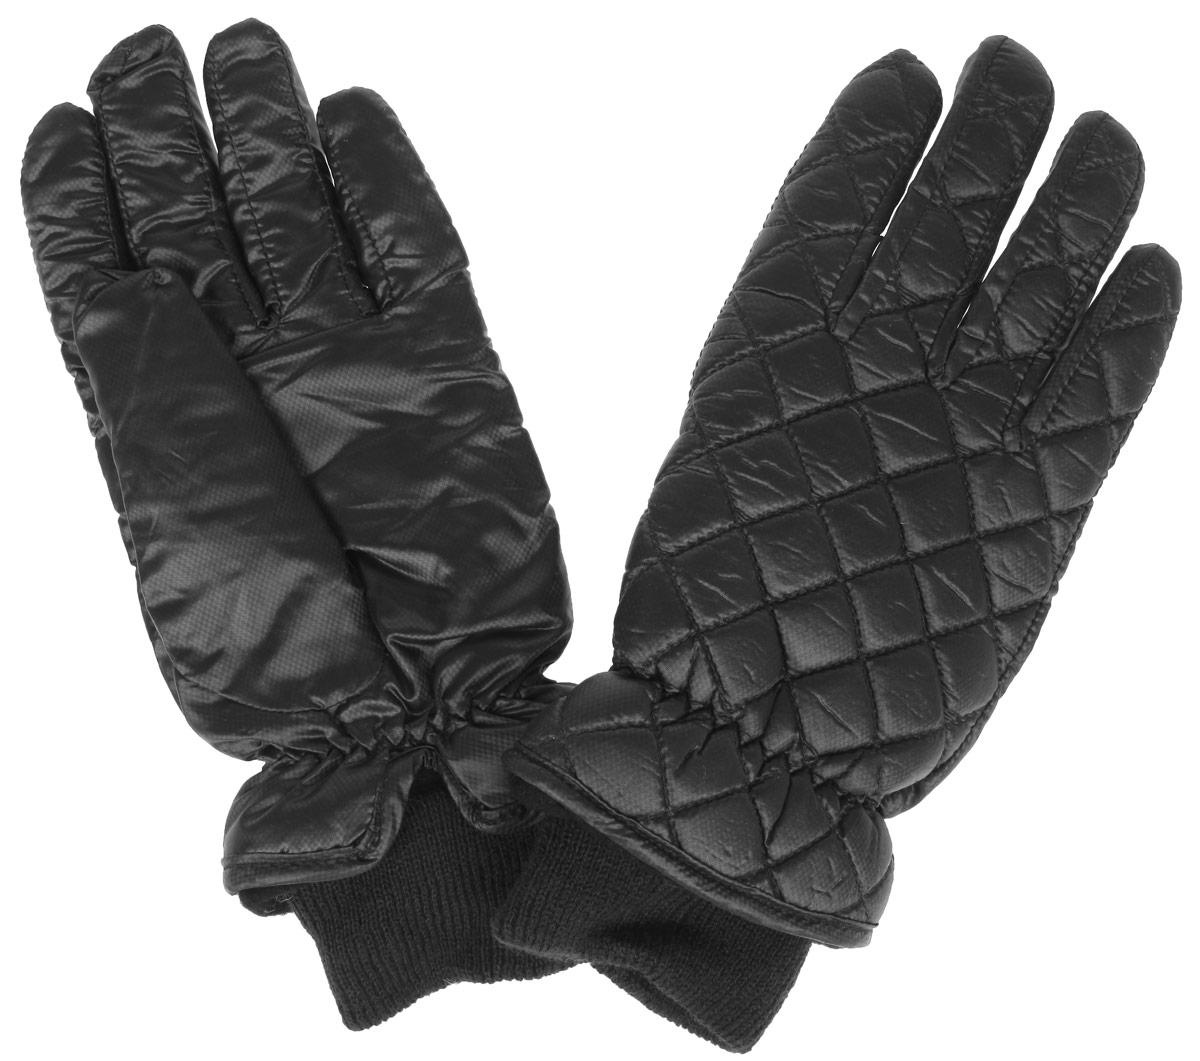 Перчатки женские. SD12SD12Стильные женские перчатки Modo надежно защитят ваши руки от холода! Перчатки выполнены из высококачественного полиэстера с флисовой подкладкой. Тыльная сторона модели оформлена стеганой отстрочкой. Изделие дополнено резиновой стяжкой вокруг запястья и эластичной манжетой. Такие перчатки отлично подойдут для ежедневных прогулок и для активного отдыха.